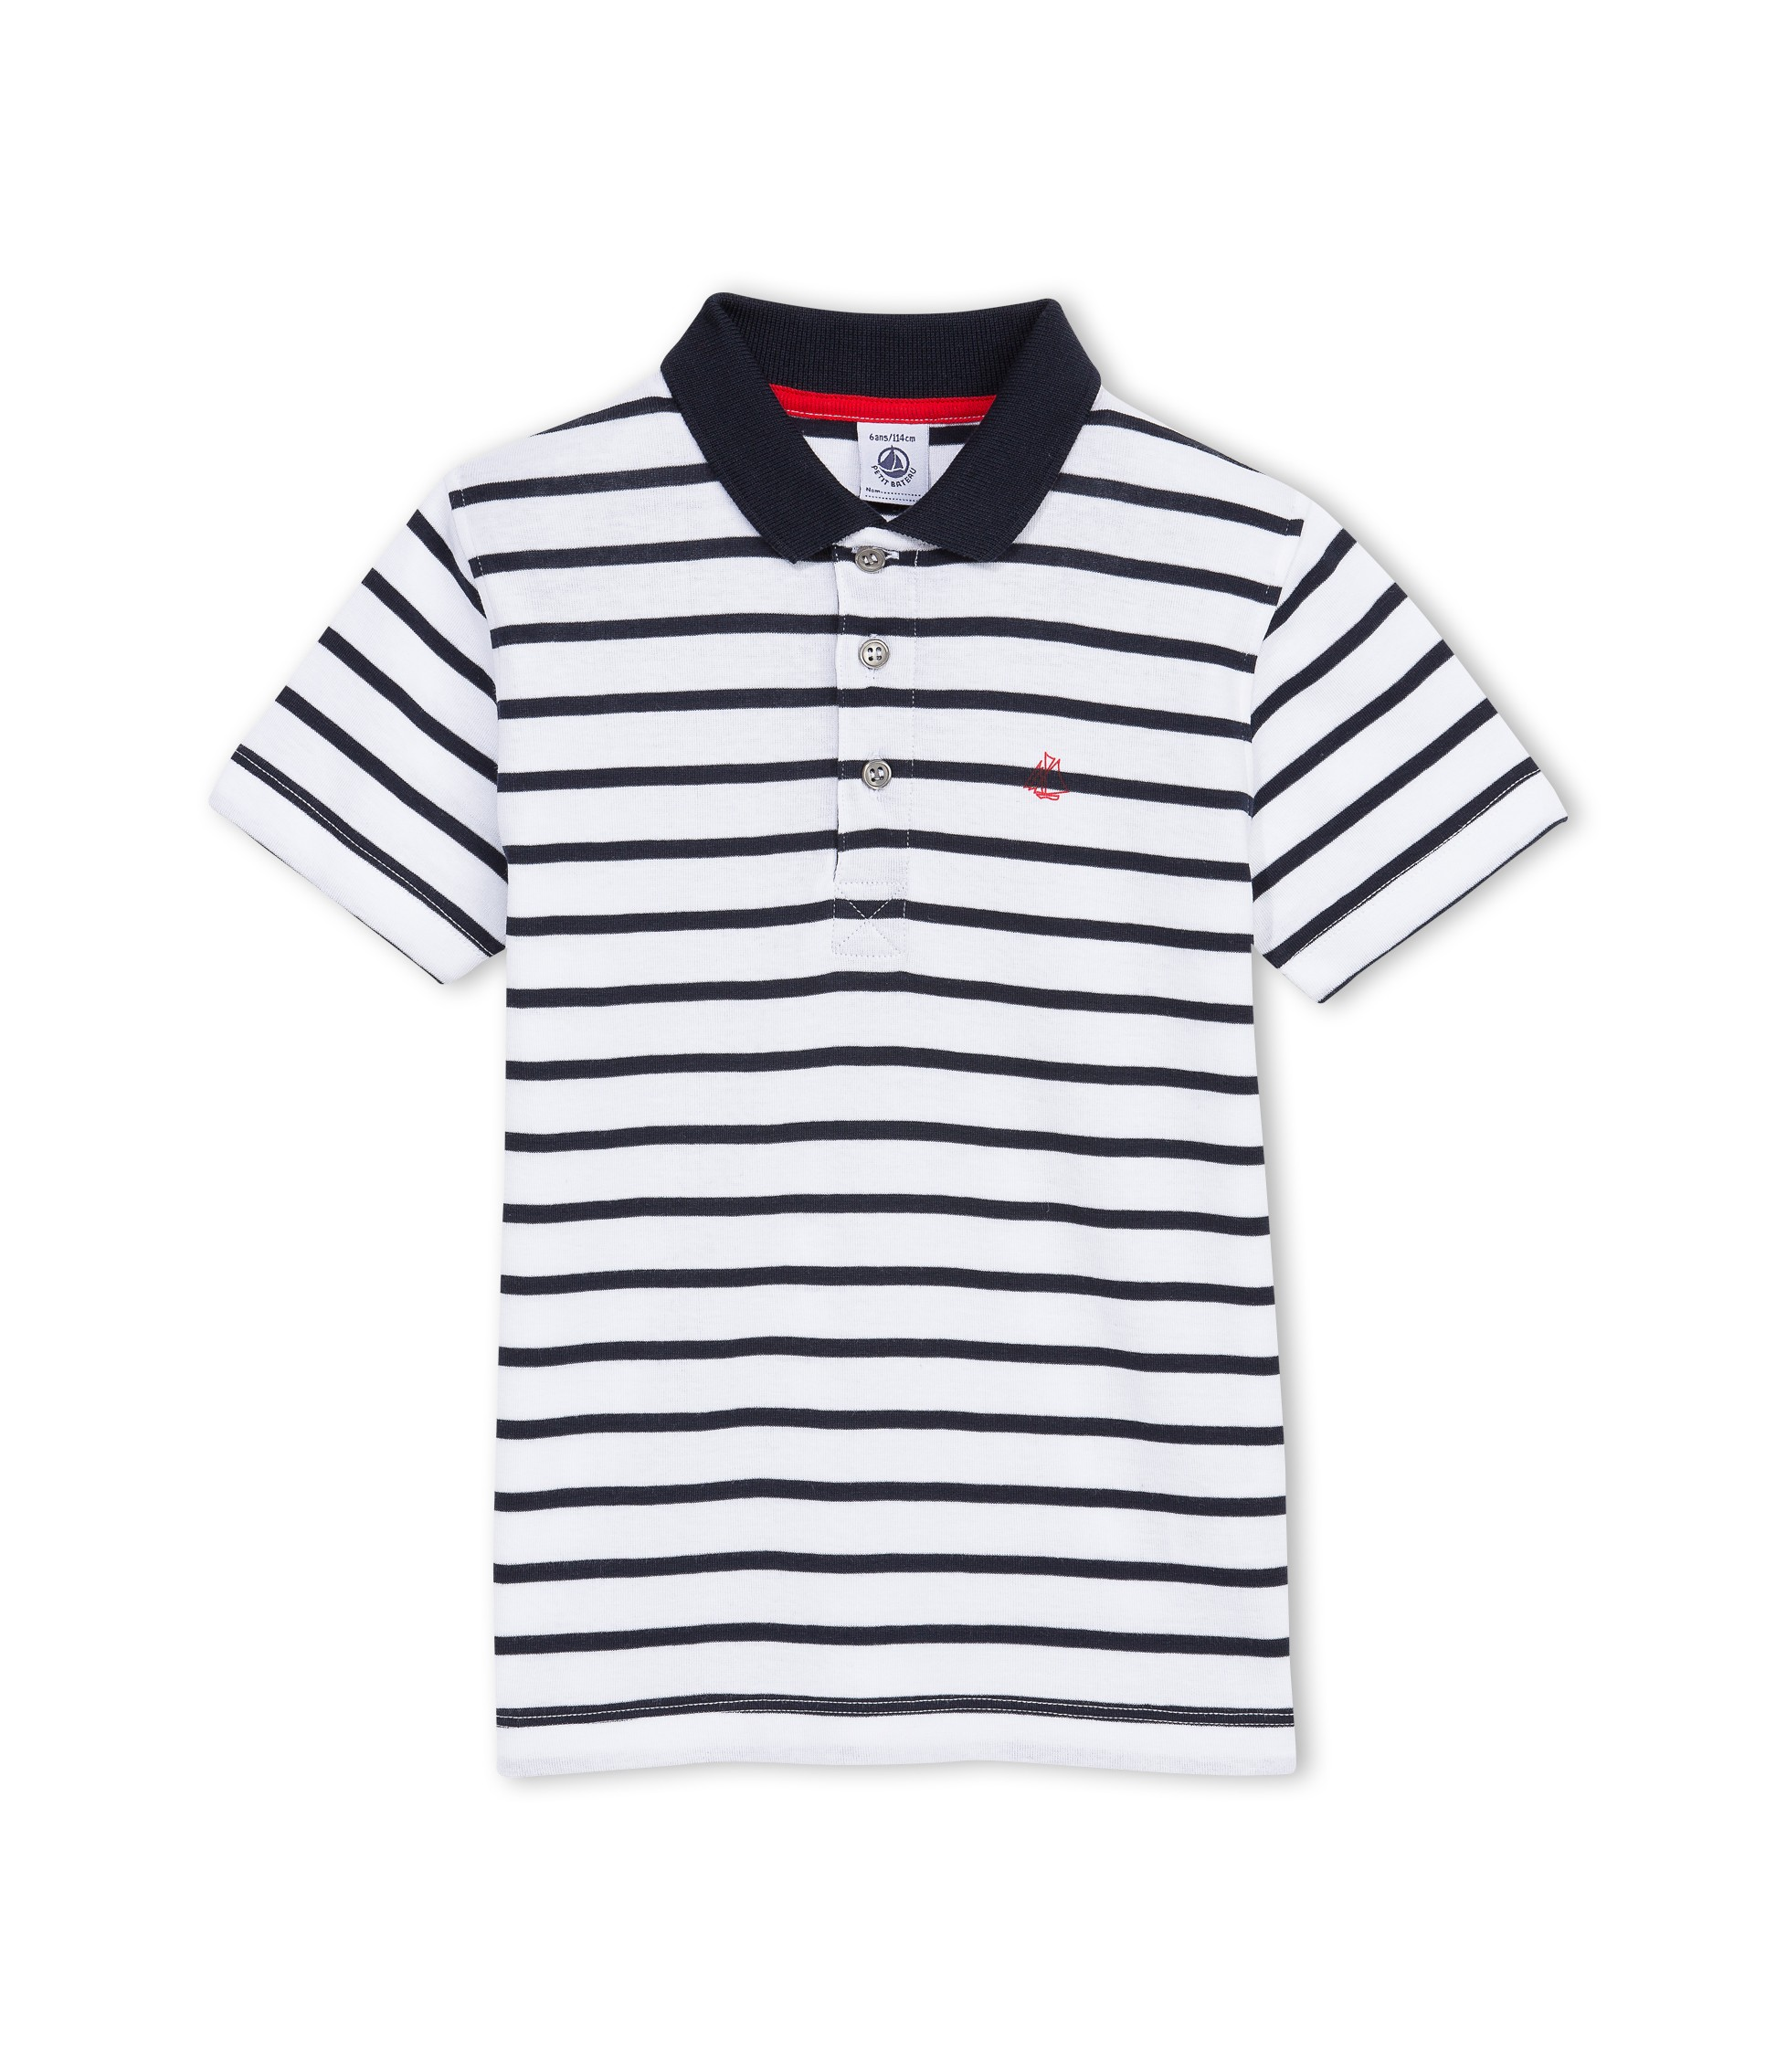 3dd47878af PETIT BATEAU Polo shirt short-sleeved boy white & dark blue marinière